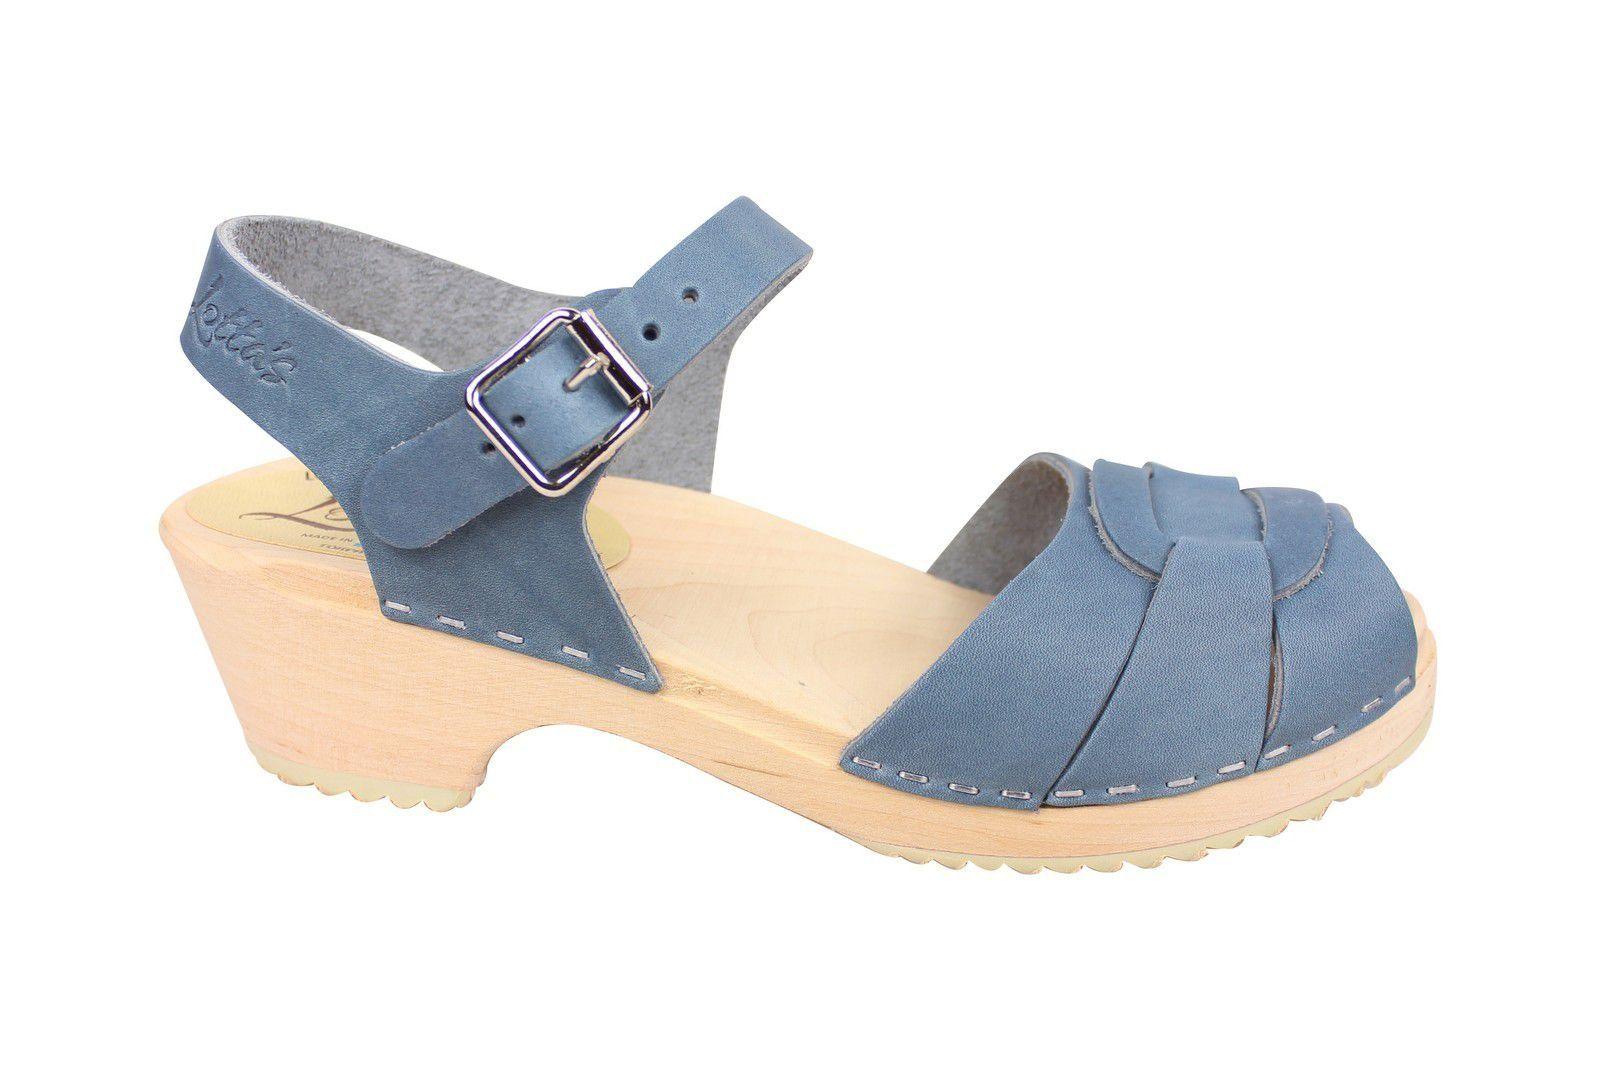 Lotta From Stockholm Low Heel Peep Toe in Steel Blue Leather Side